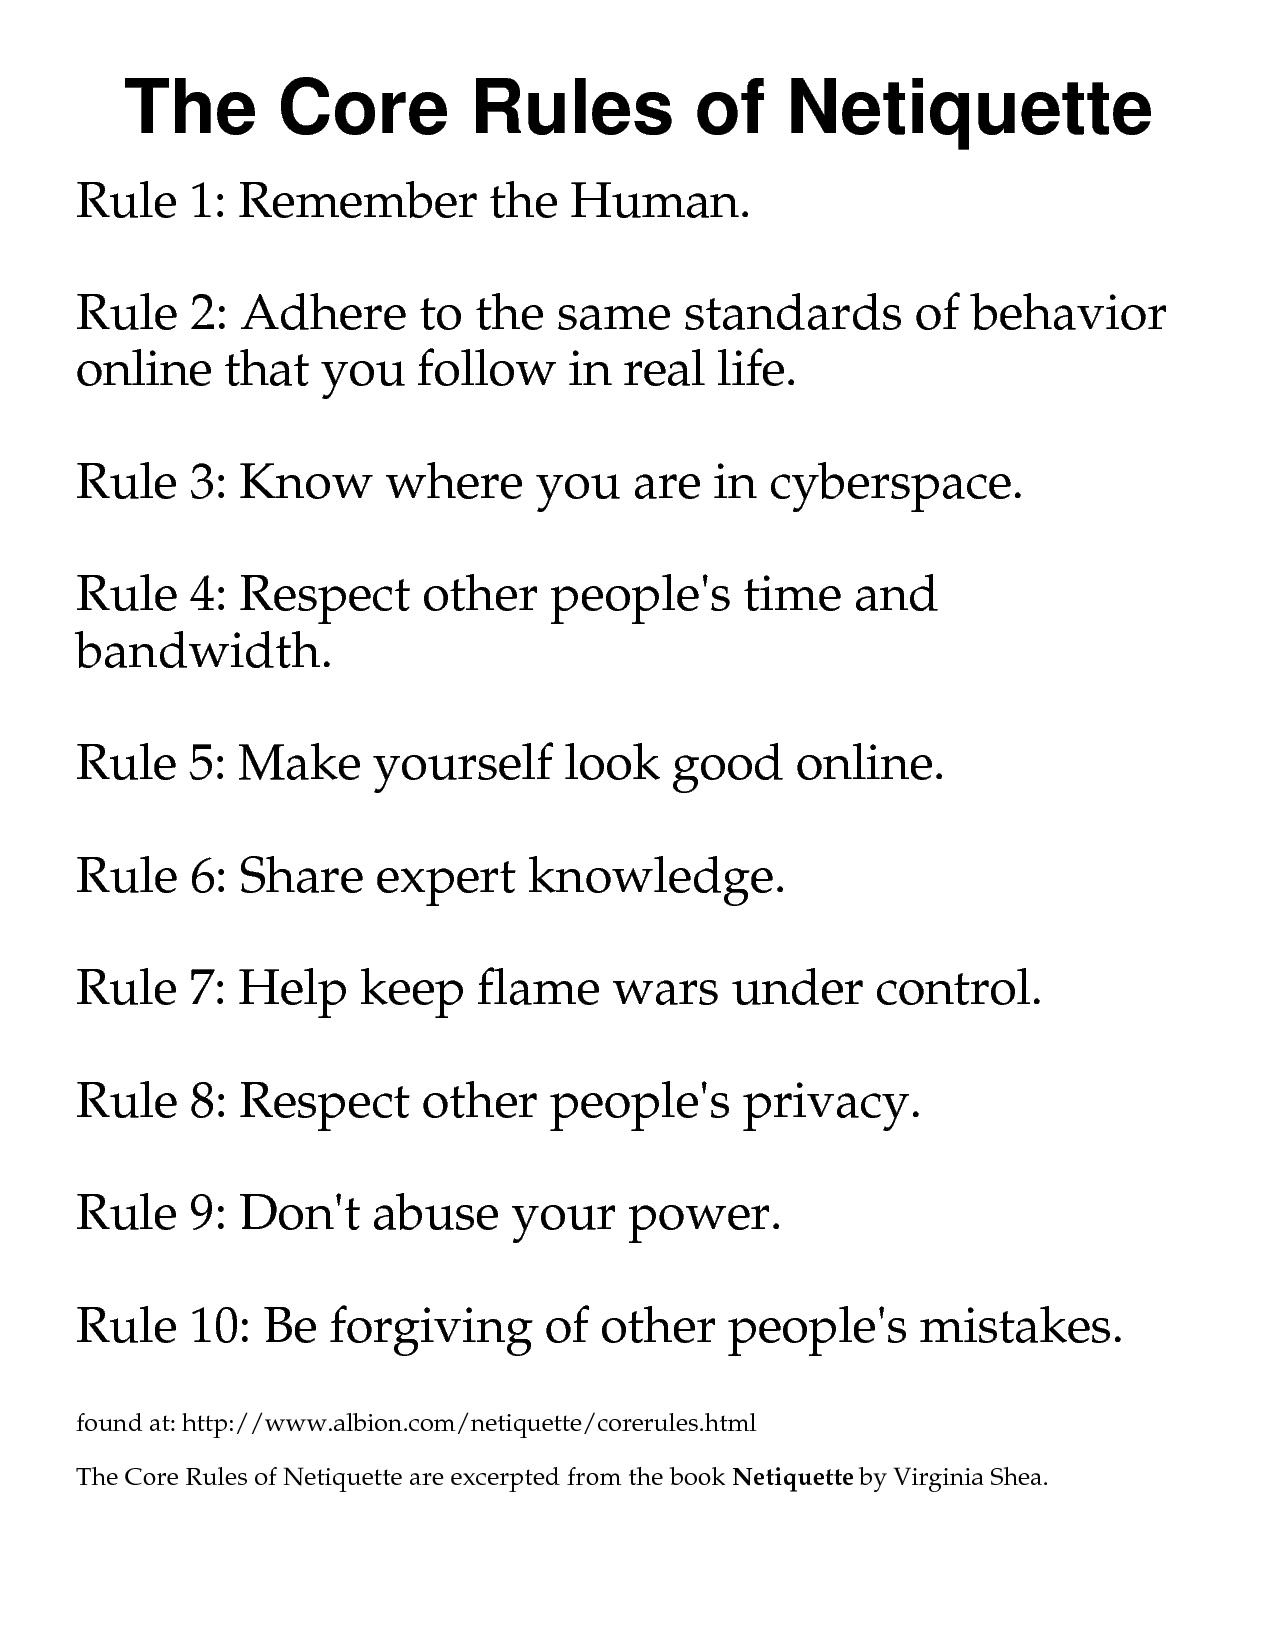 On Line Etiquette